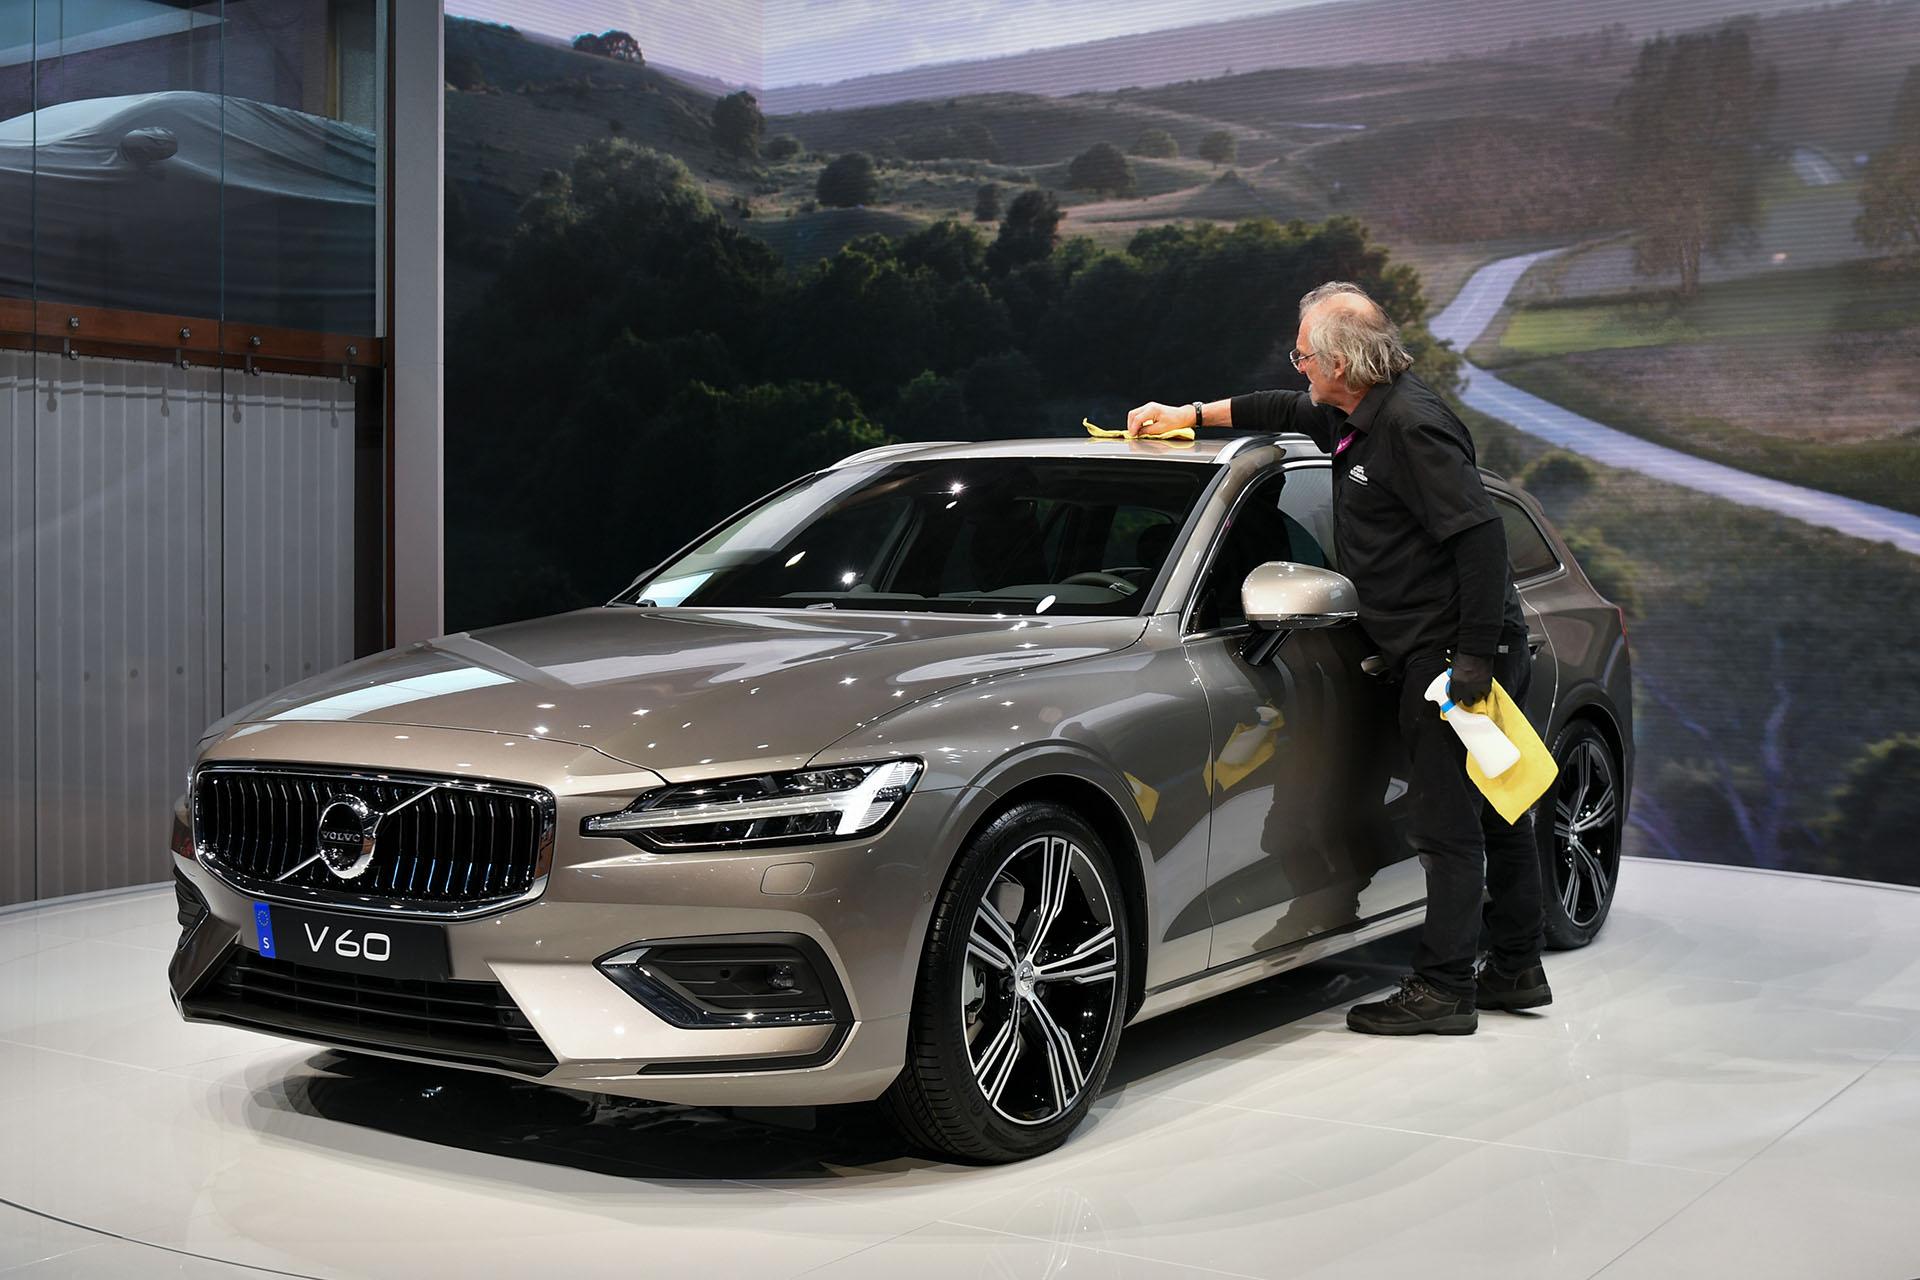 El Volvo V60 es una de las principales novedades de la muestra. La firma sueca lanzó una nueva generación de una berlina familiar cargada de tecnología, seguridad y elegancia